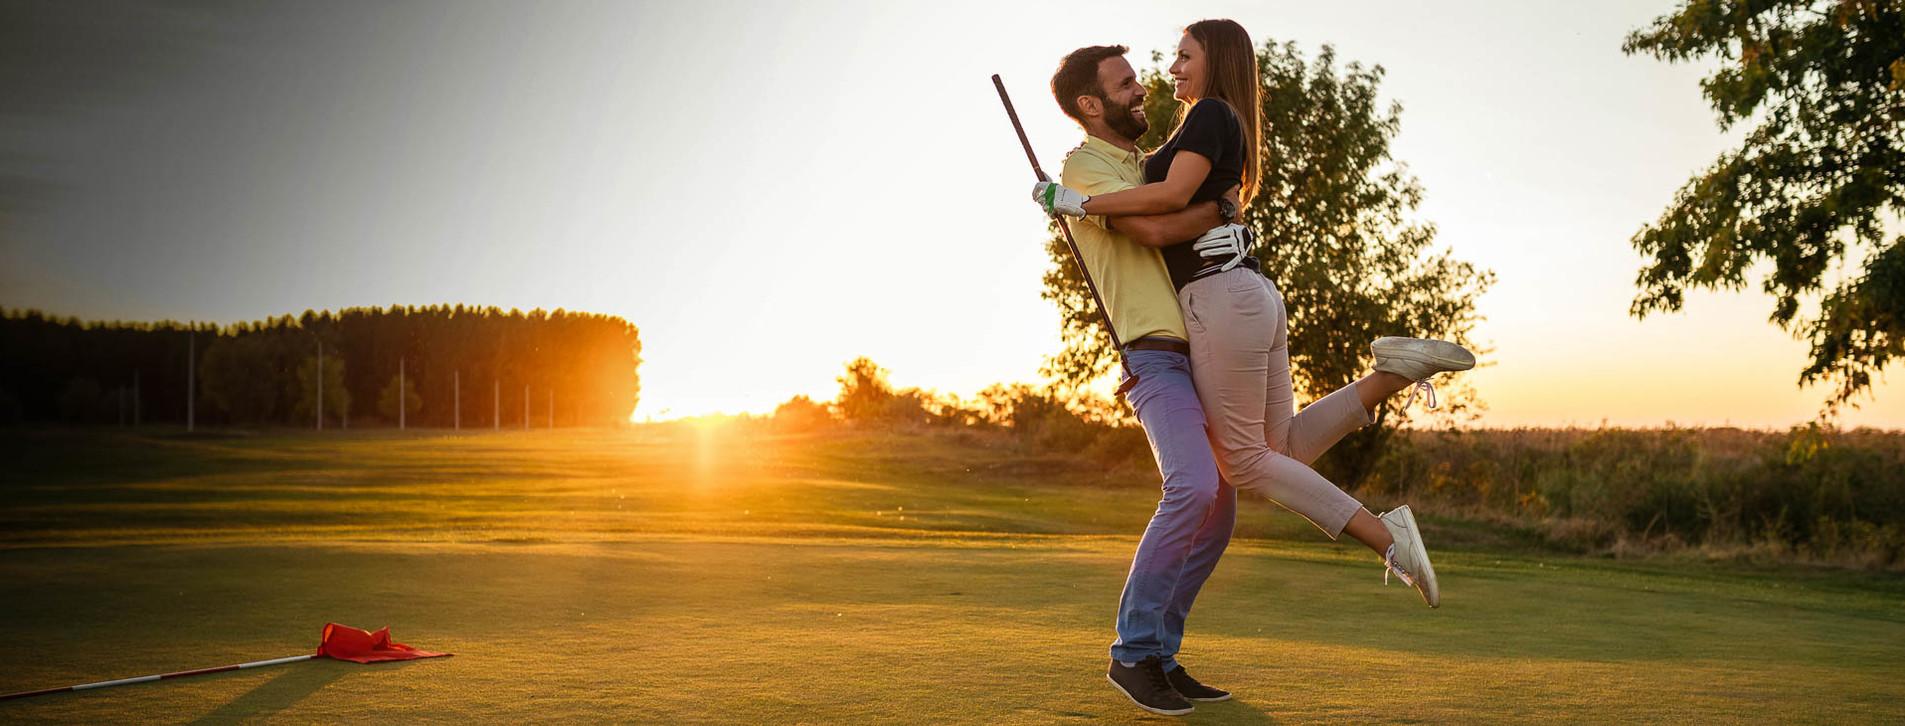 Фото - День в гольф-клубе для двоих